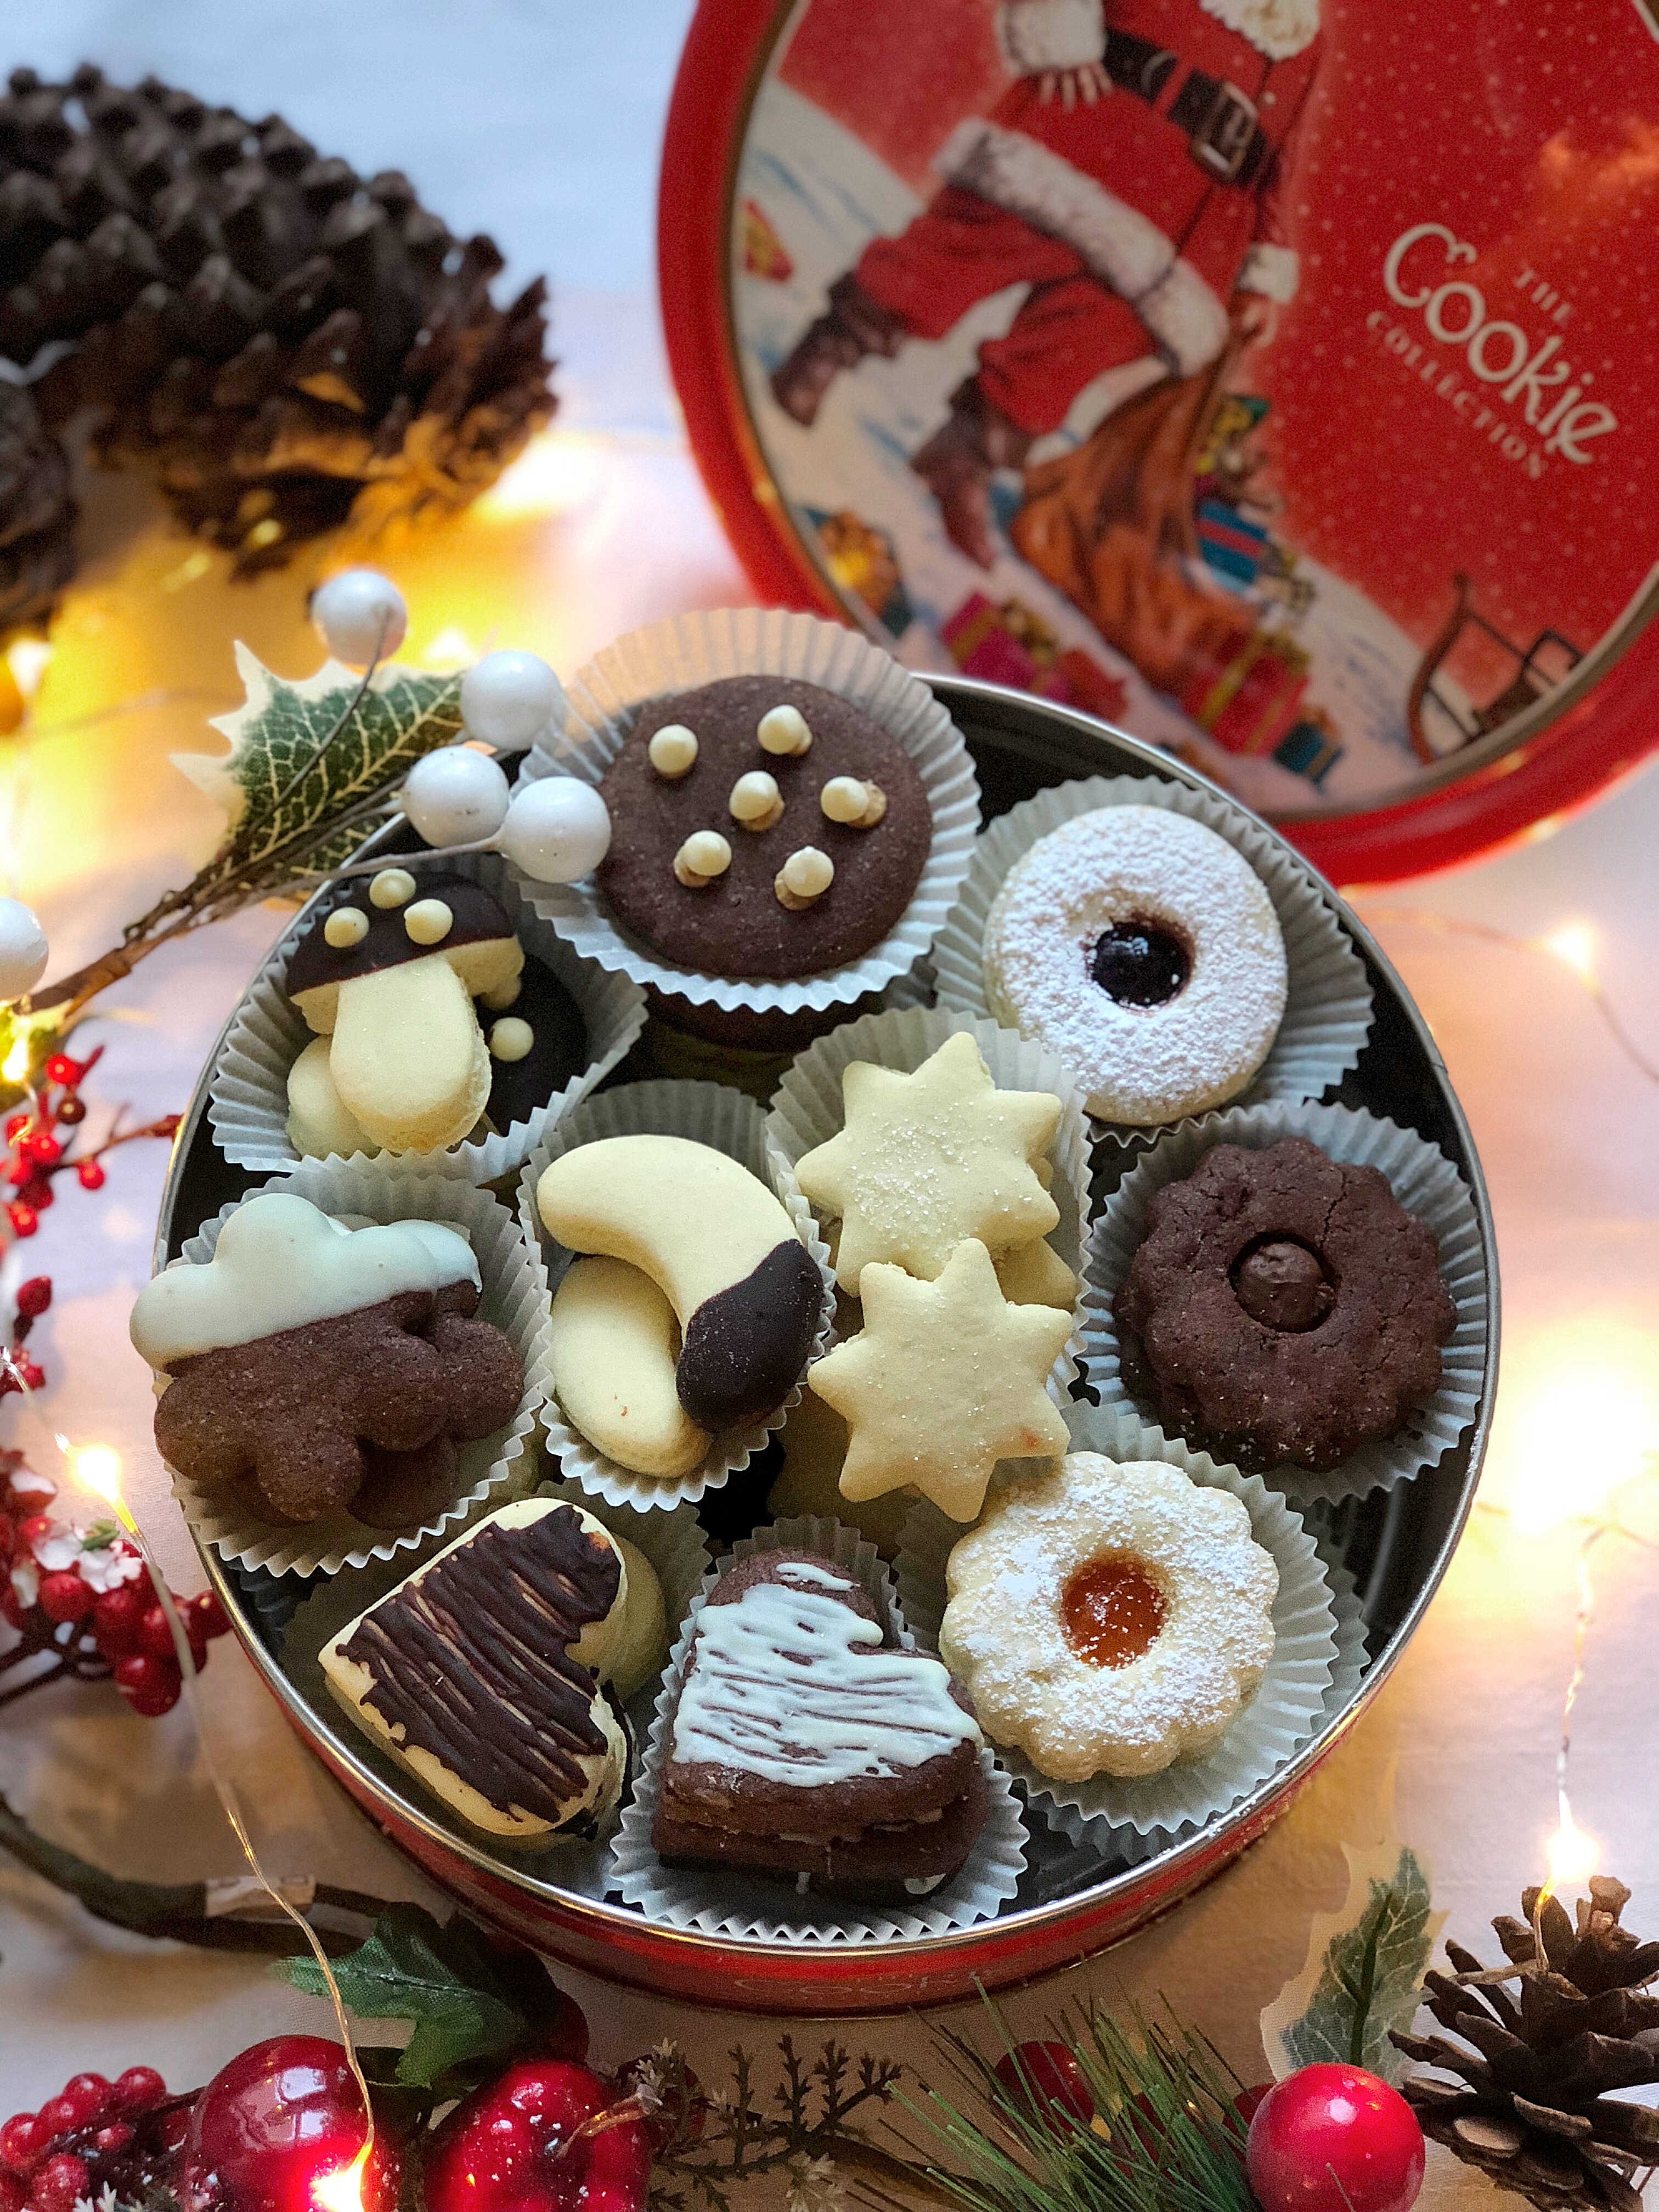 Biscotti Senza Burro, un impasto tanti gusti! Perfetti per realizzare la classica scatola di biscotti in casa!